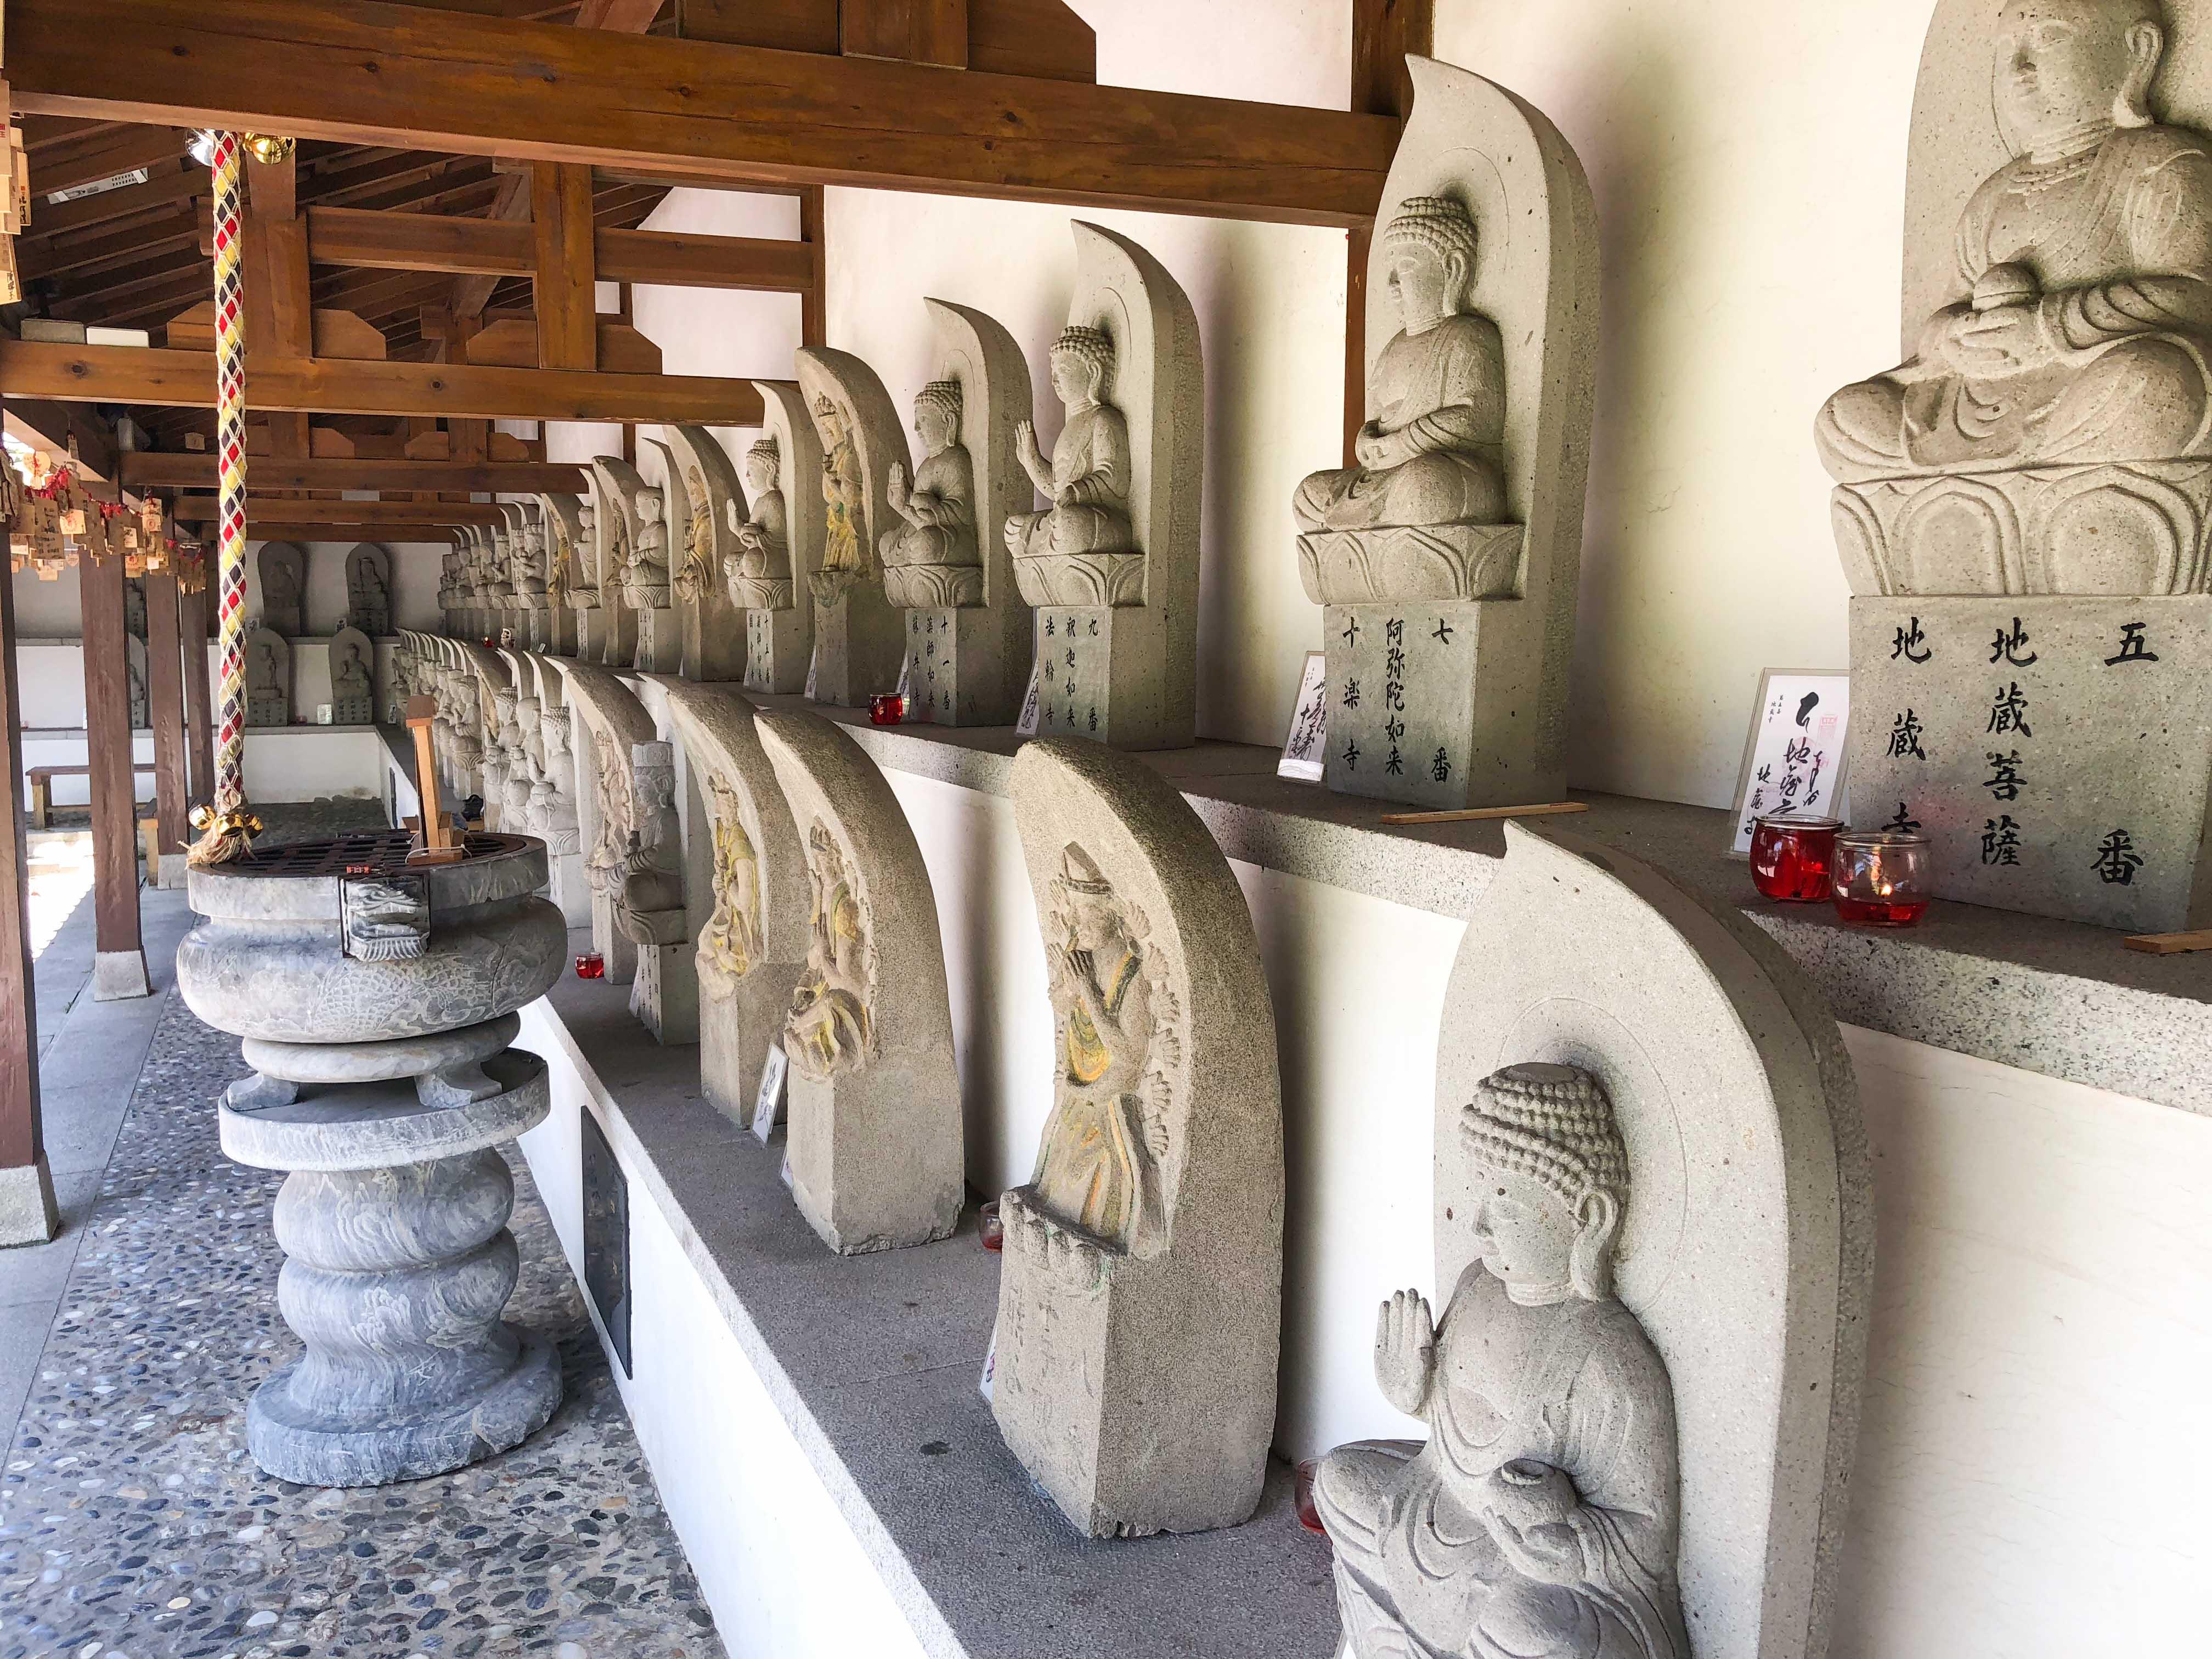 吉安慶修院石佛像